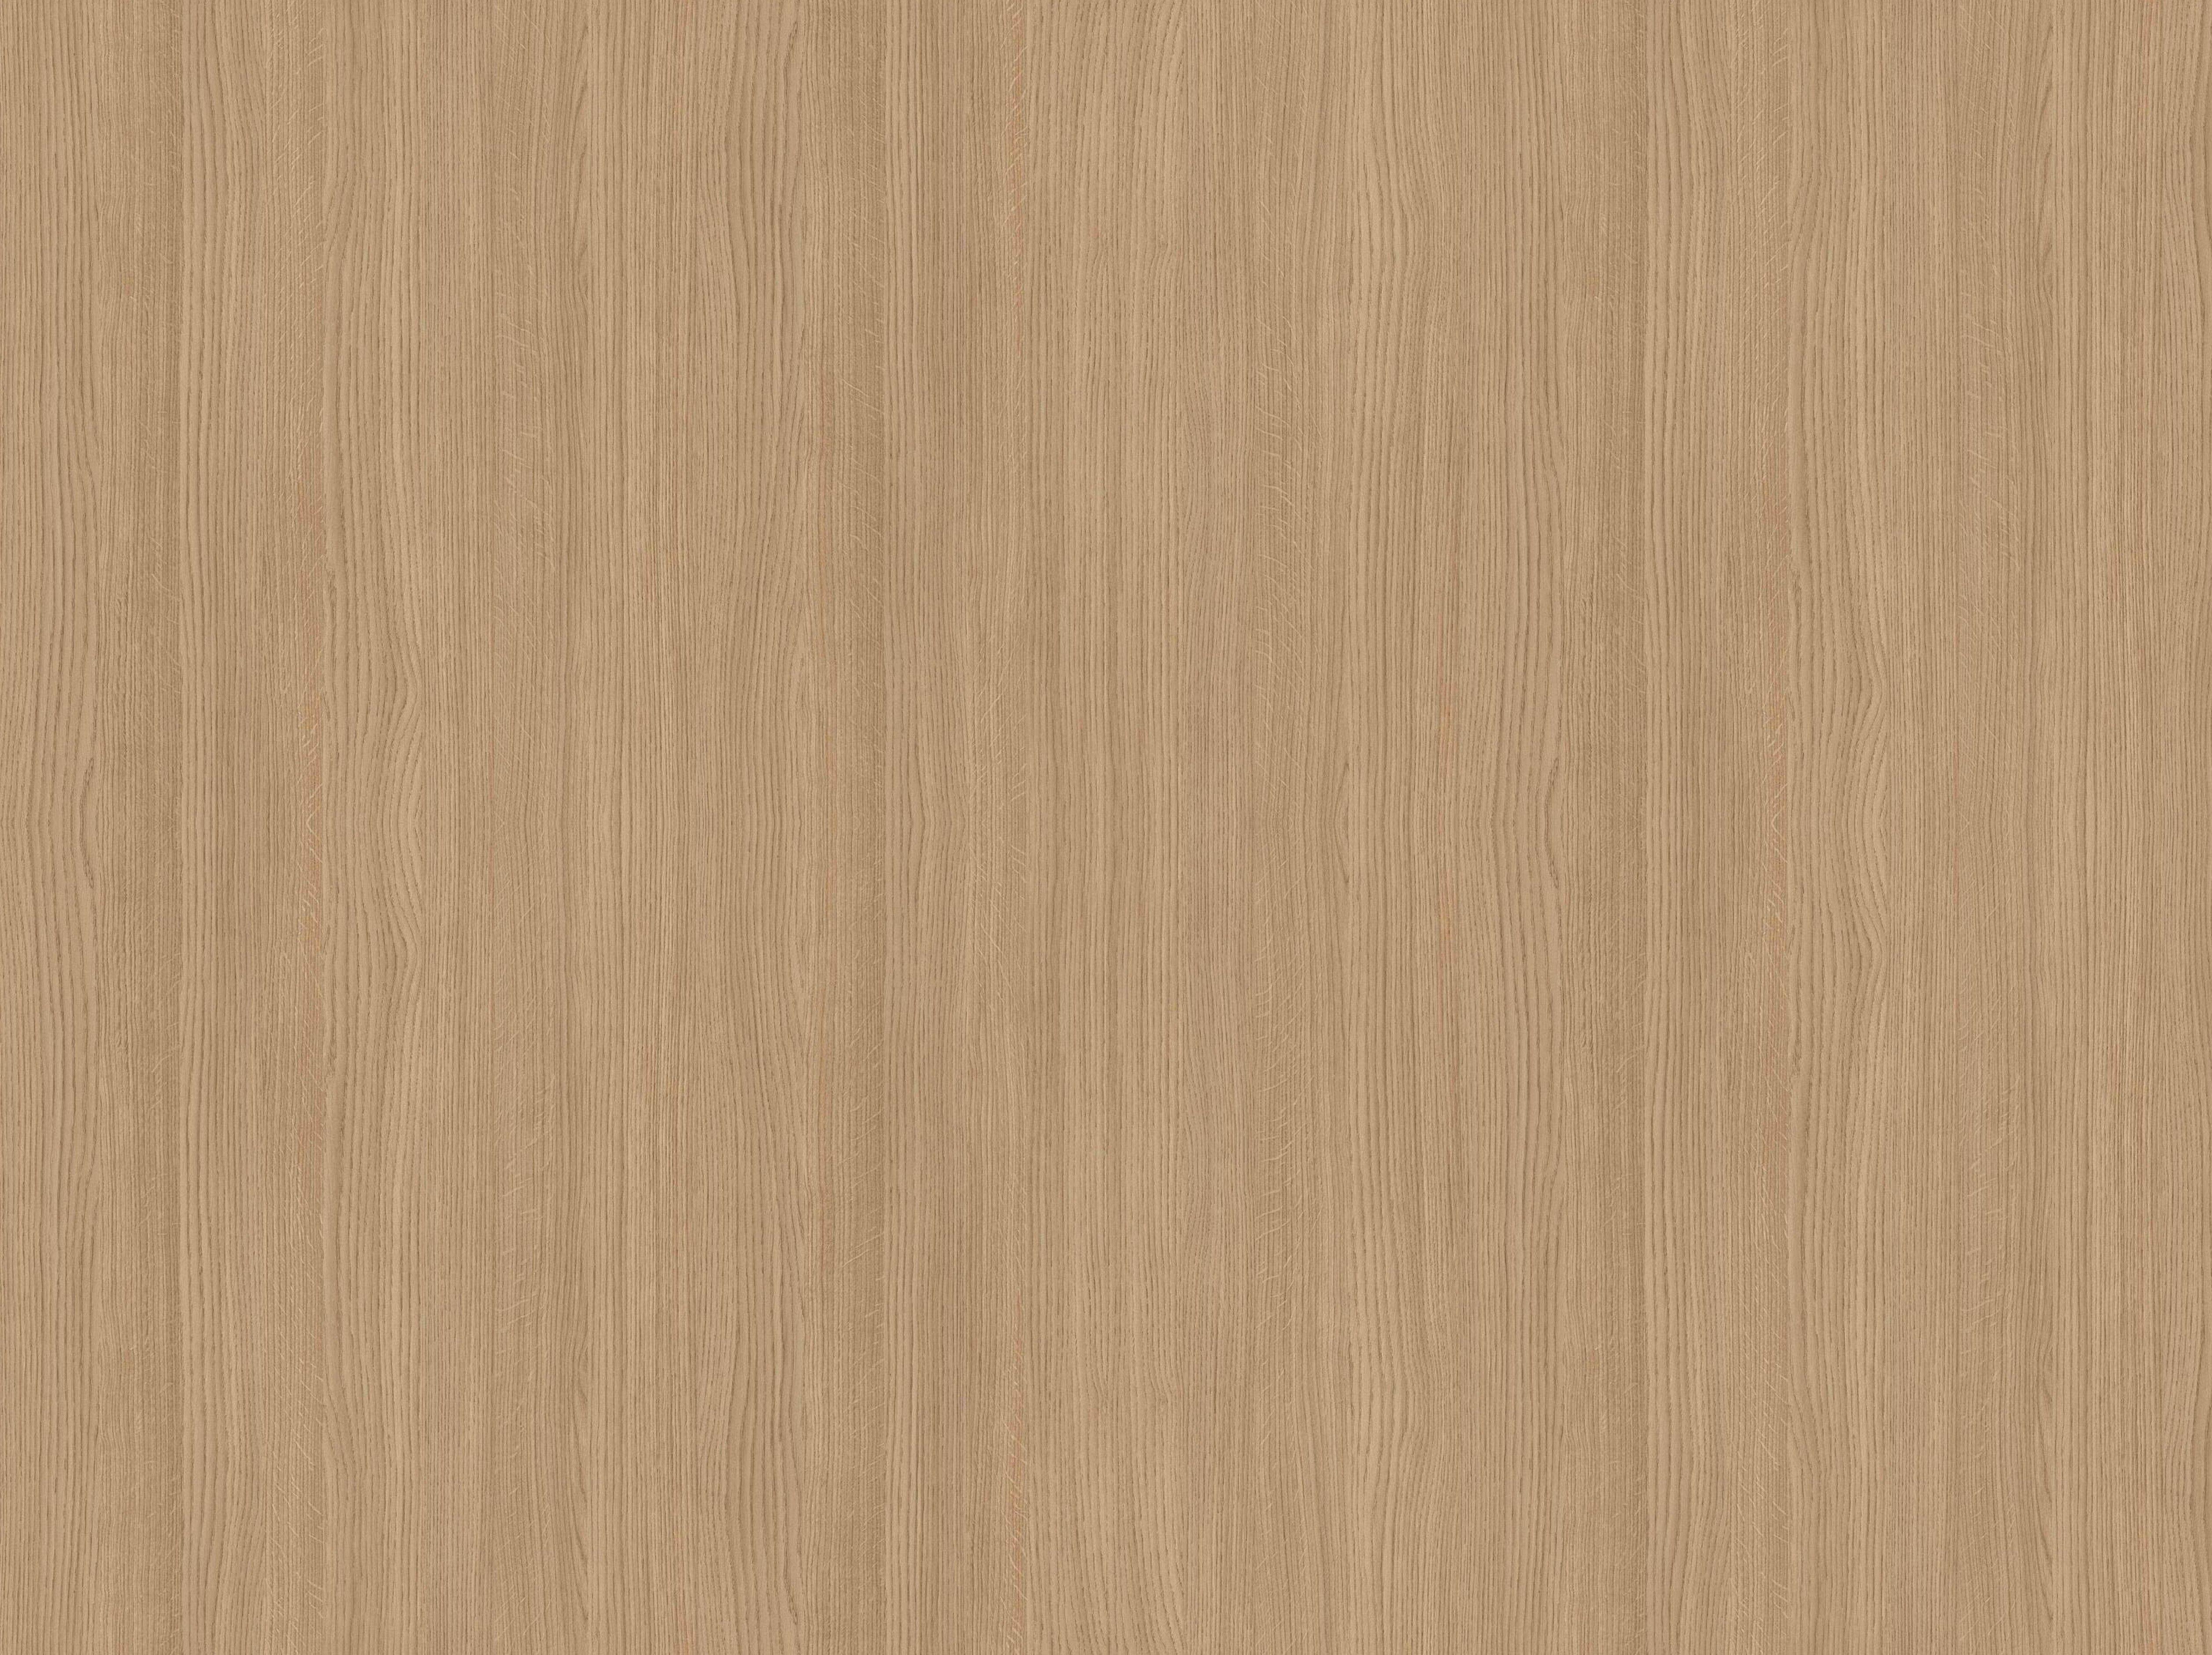 Wood Texture0042 Wood Wood Laminate Oak Wood Texture